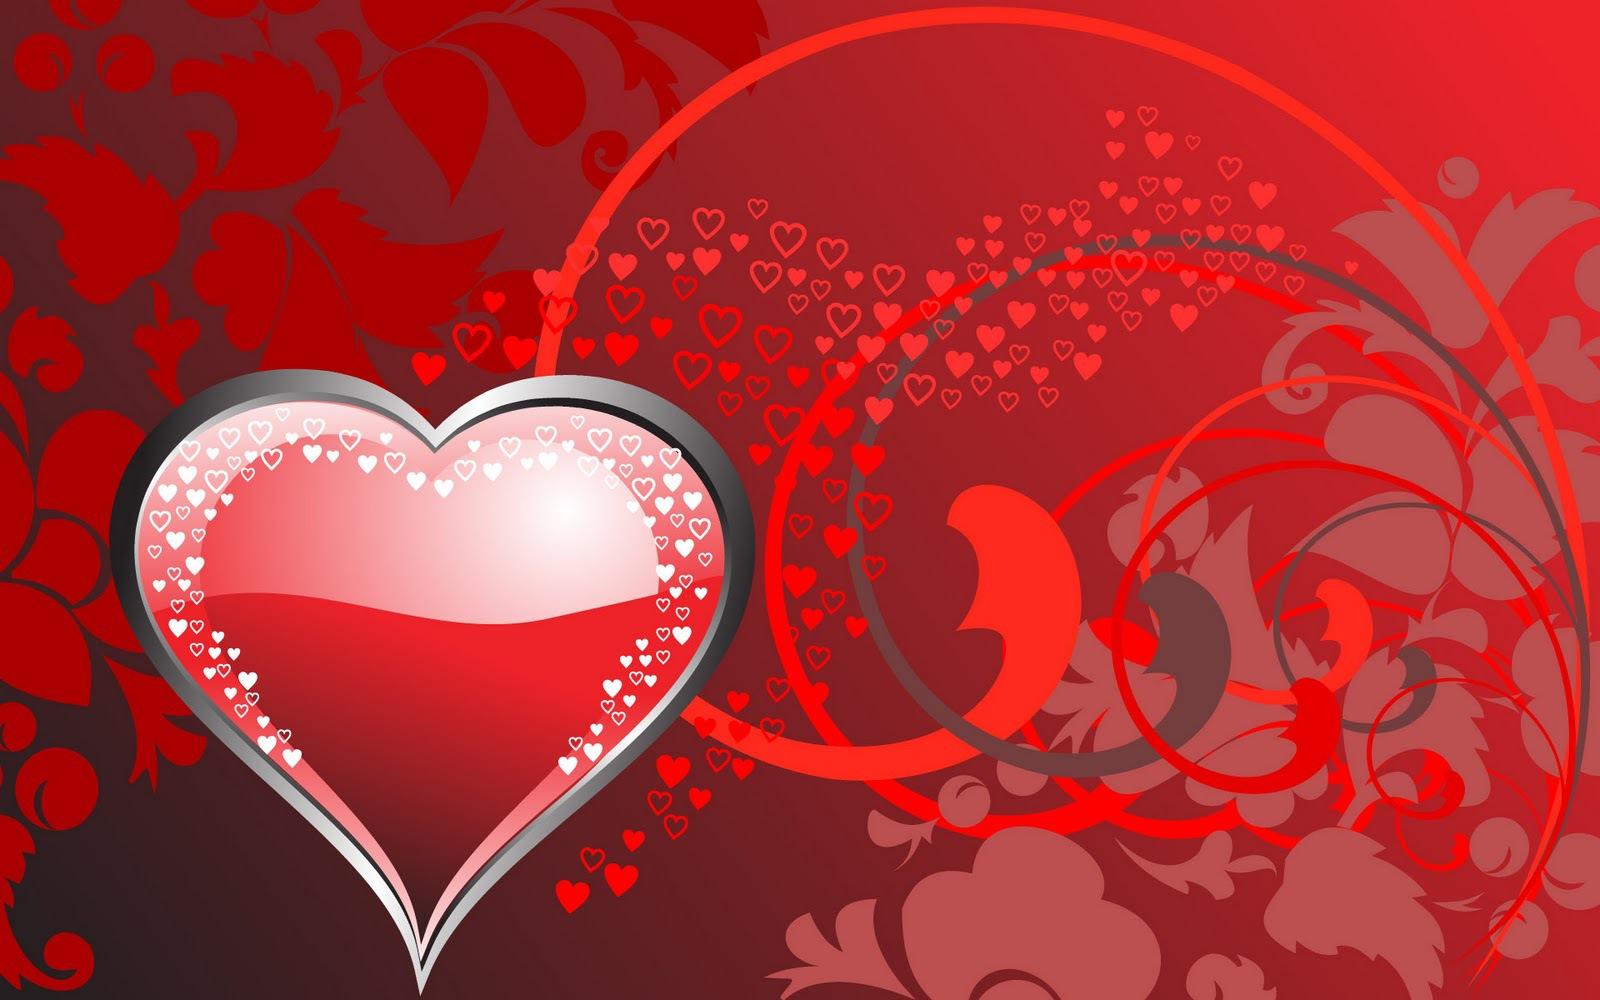 Картинки на день святого валентина прикольные на сердечки, днем рождения взрослого